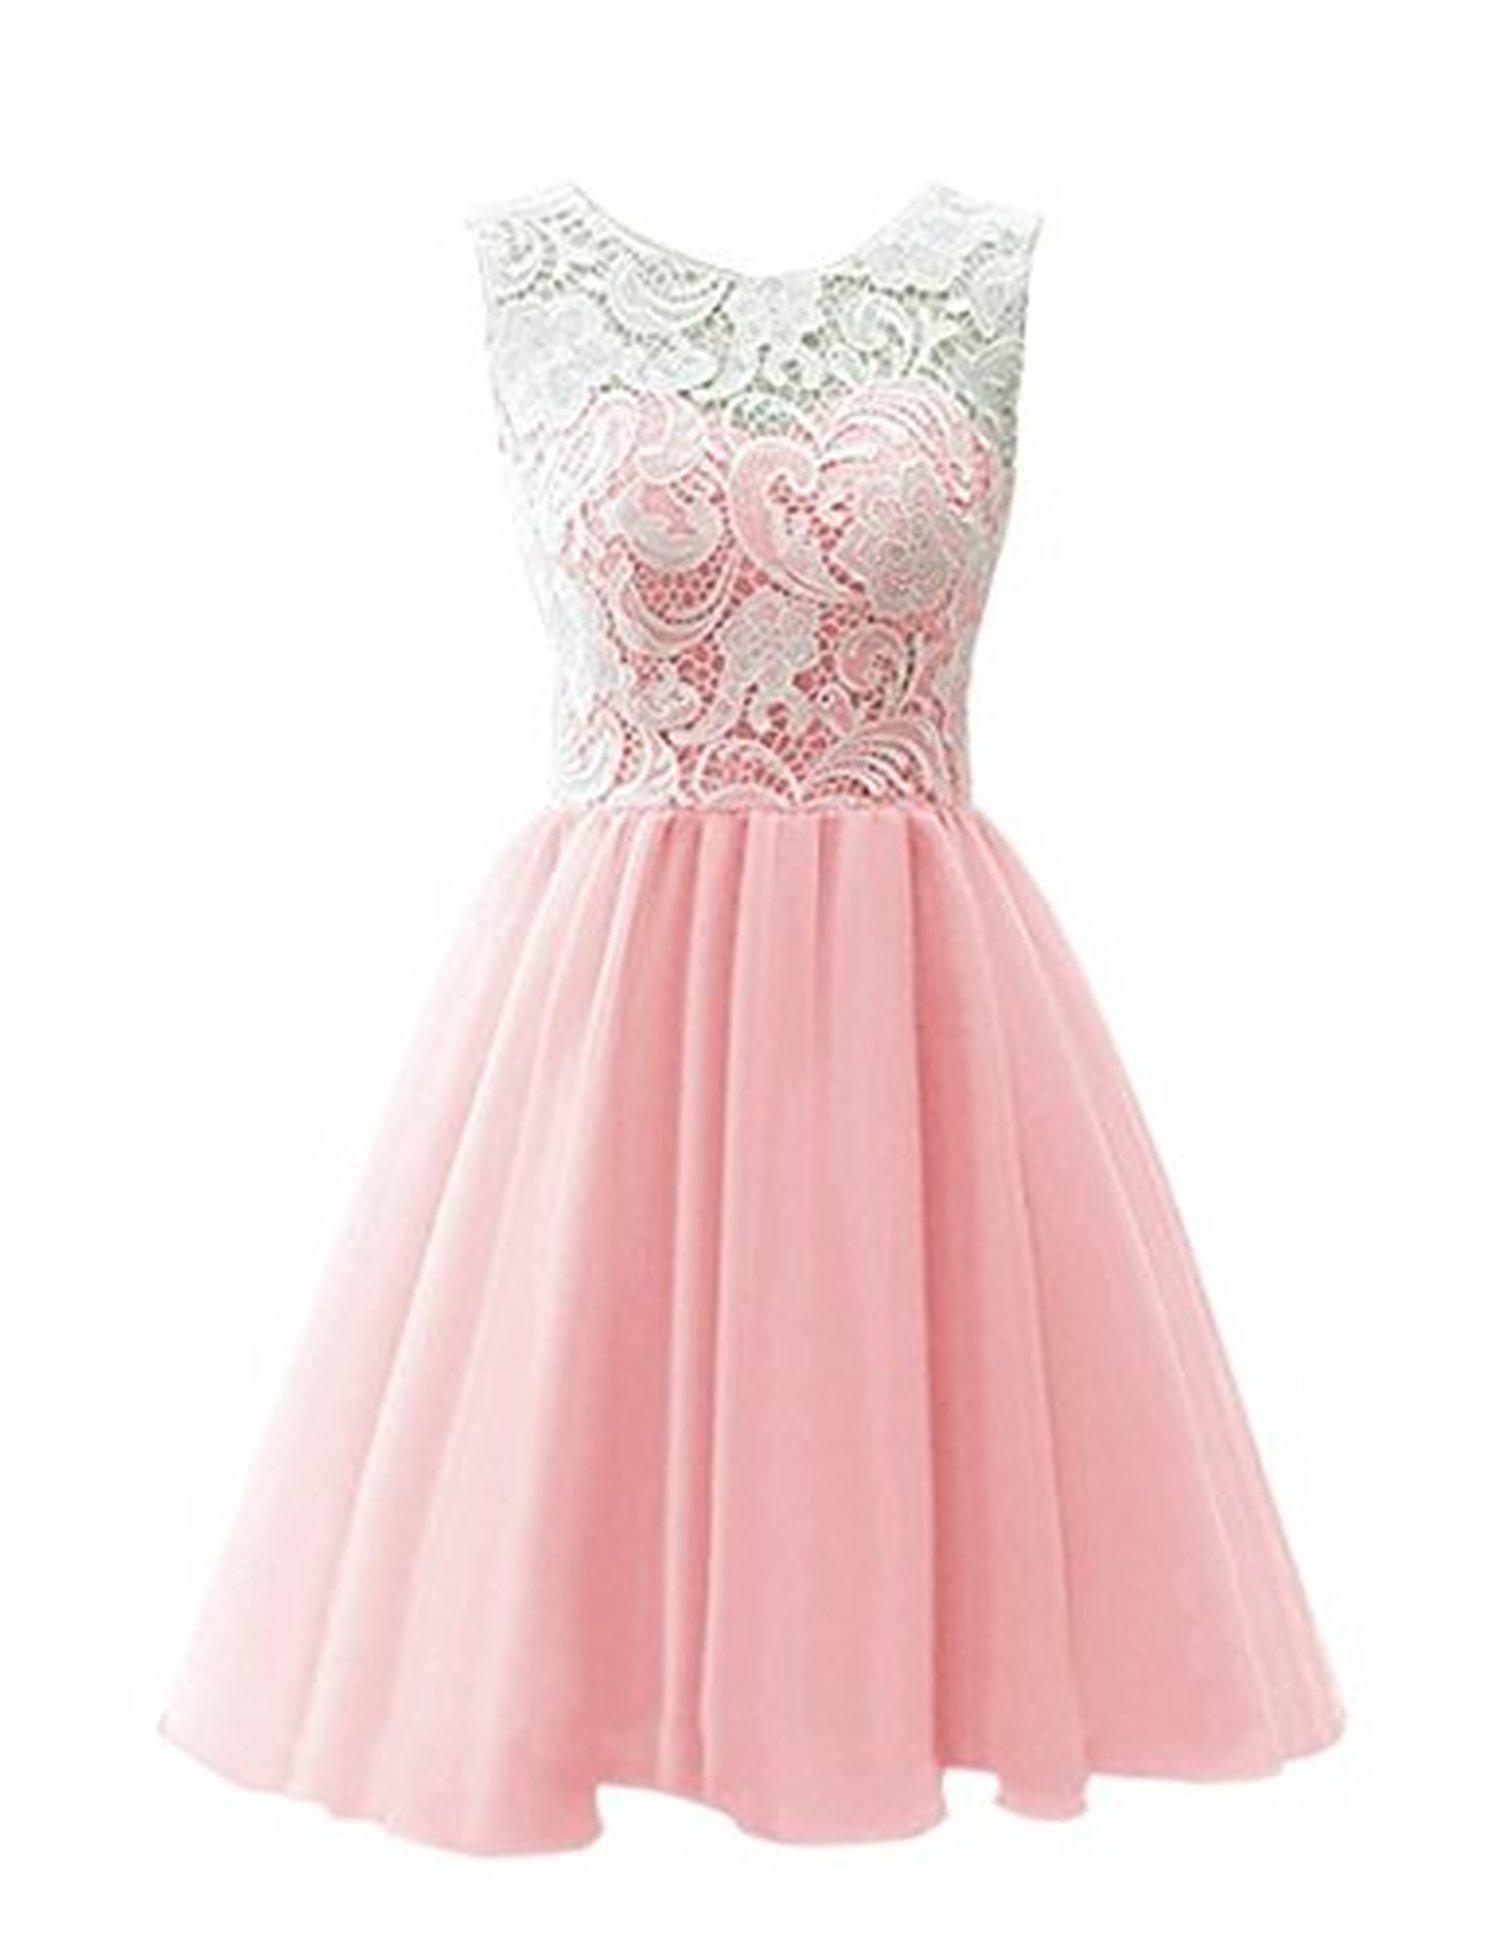 Bess Bridal Women´s Short Lace Chiffon Prom Homecoming Dresses 2016 ...